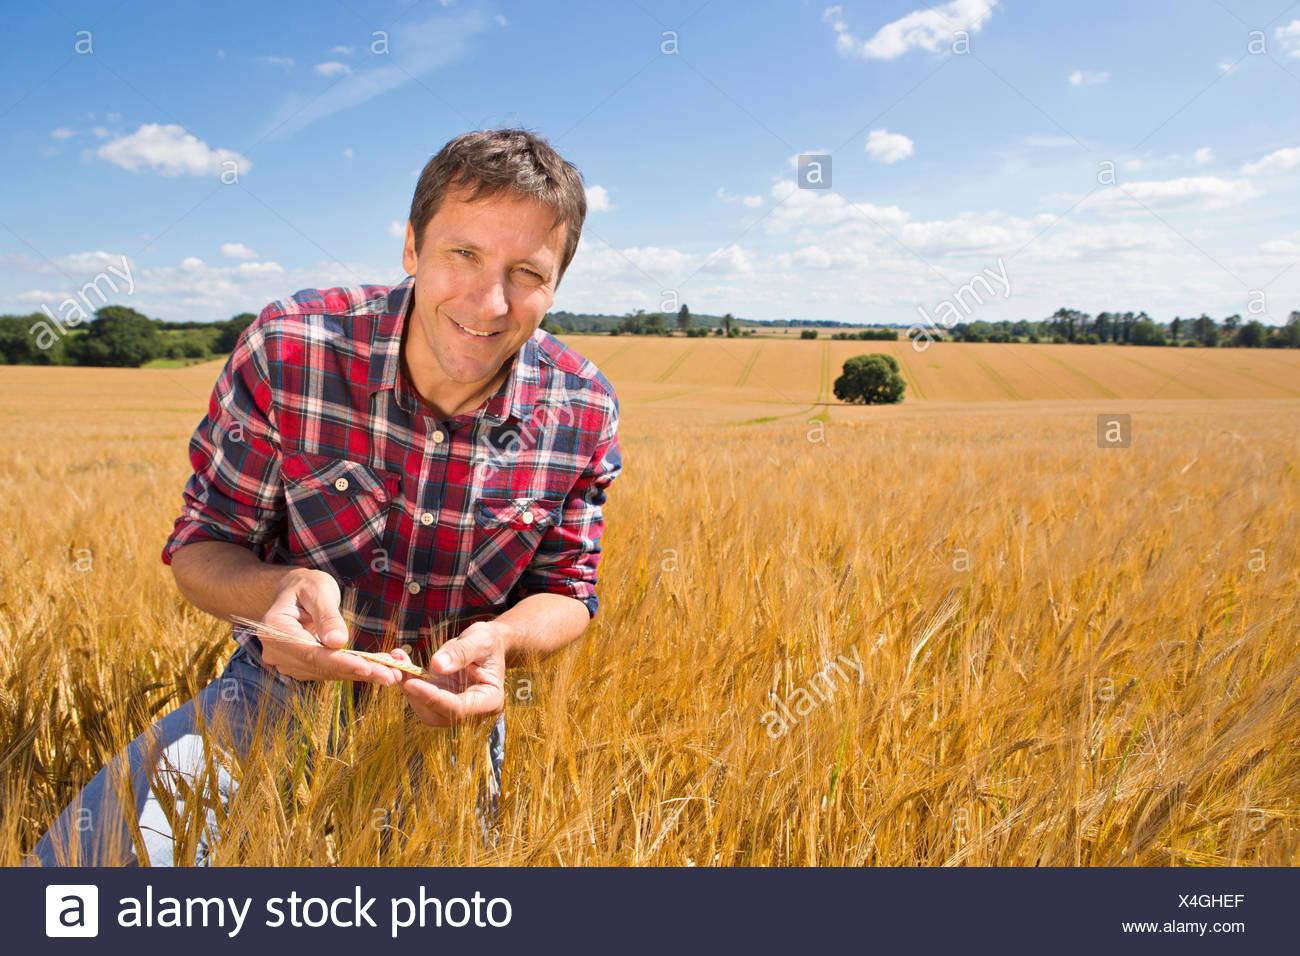 Retrato sonriente examinando agricultor rural soleado campo de cultivo de cebada en verano Imagen De Stock